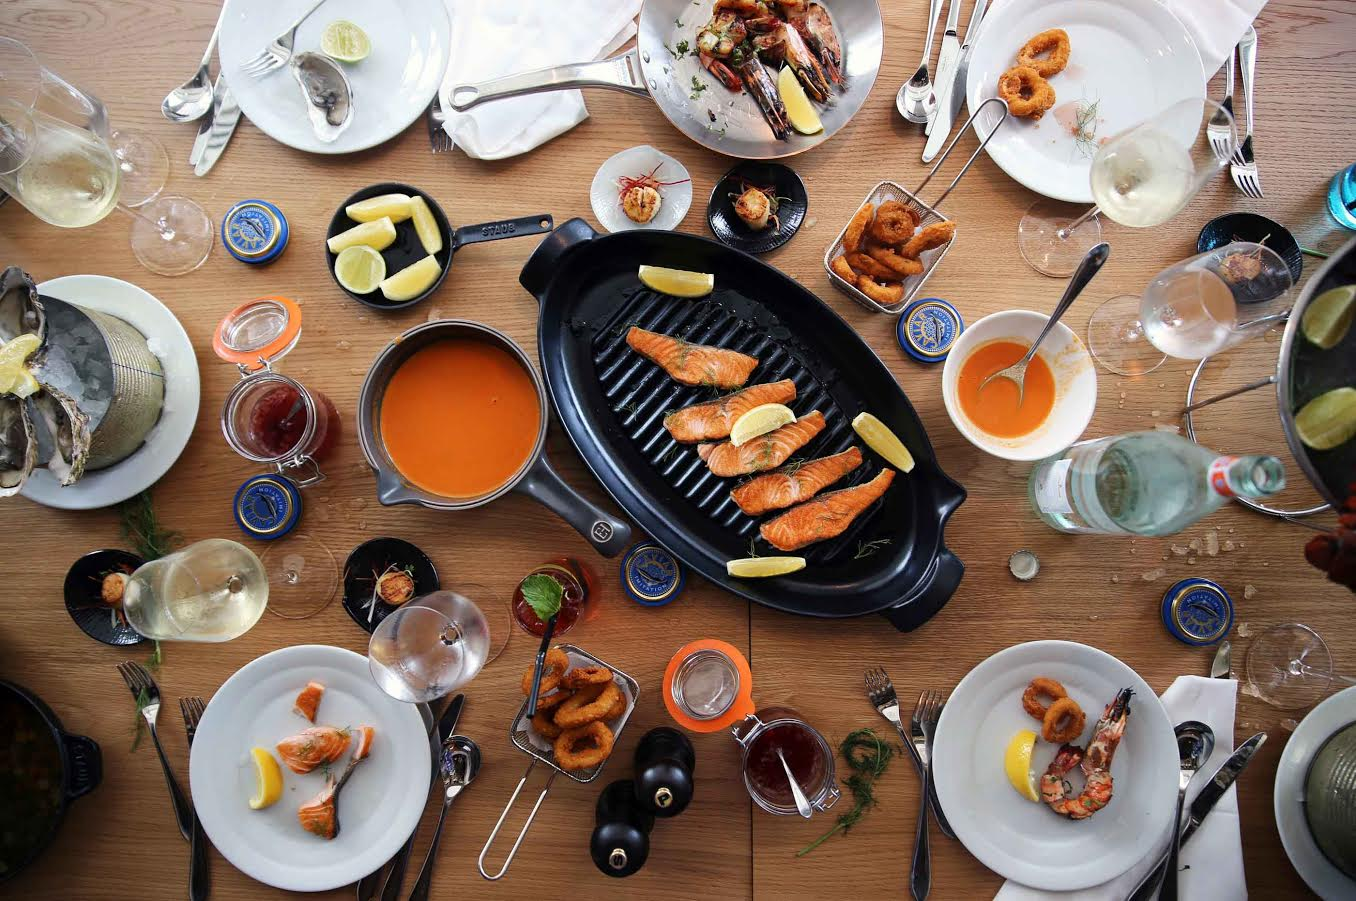 مطعم فيست دبي يقدم أشهى المأكولات البحرية كل يوم خميس